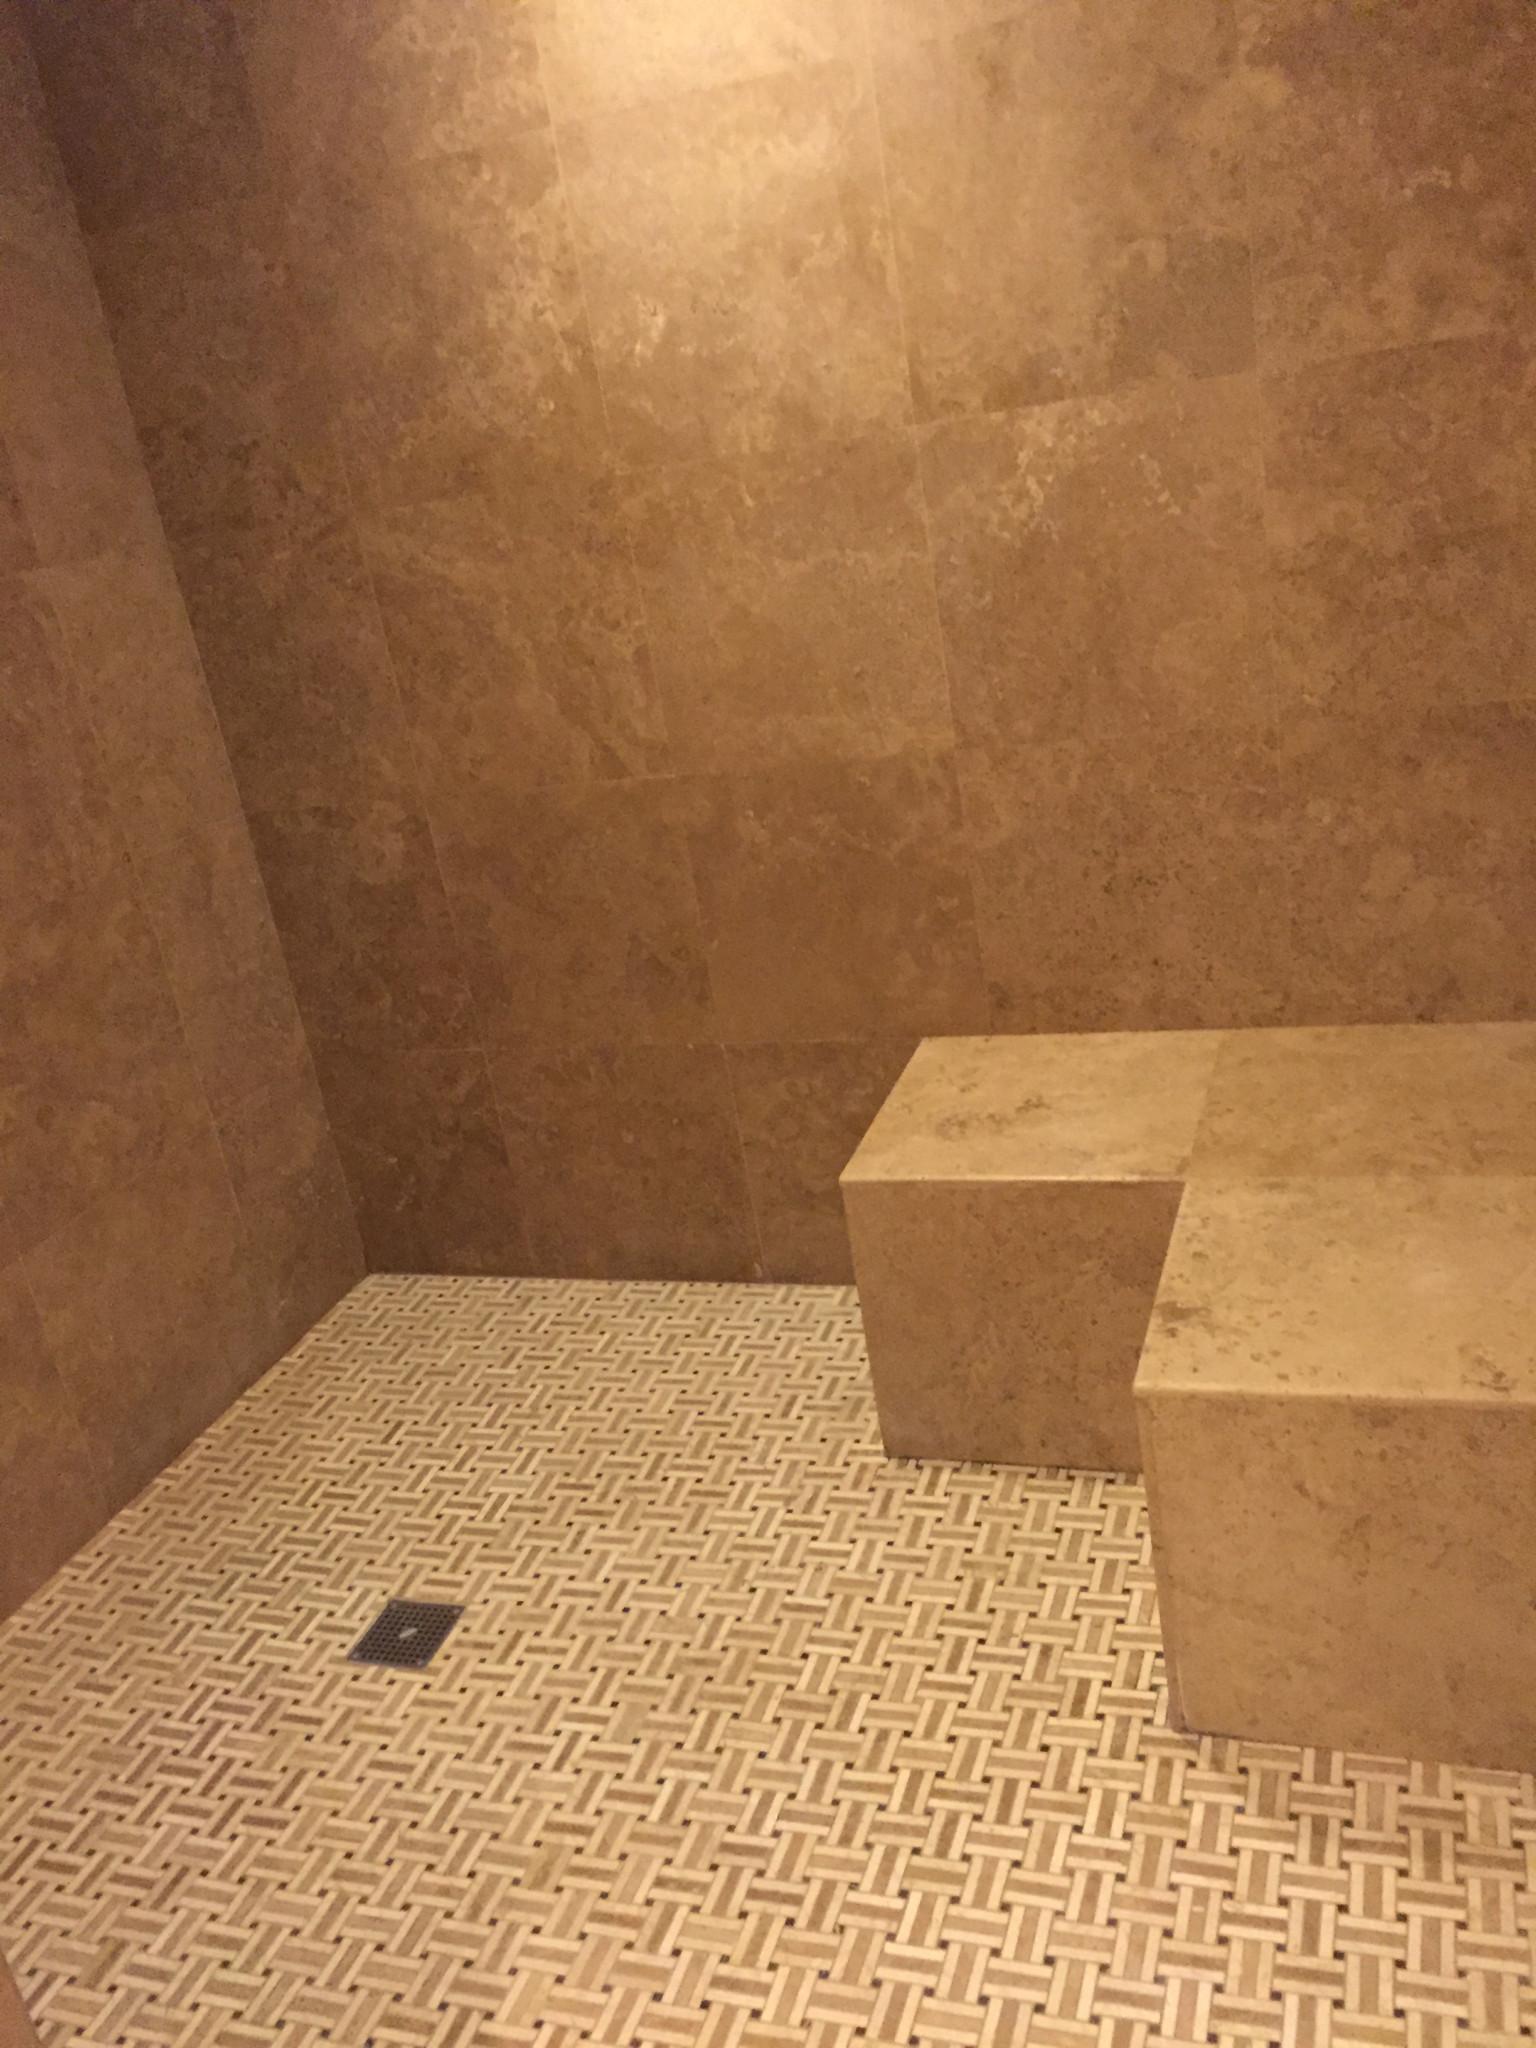 Gigantic Shower